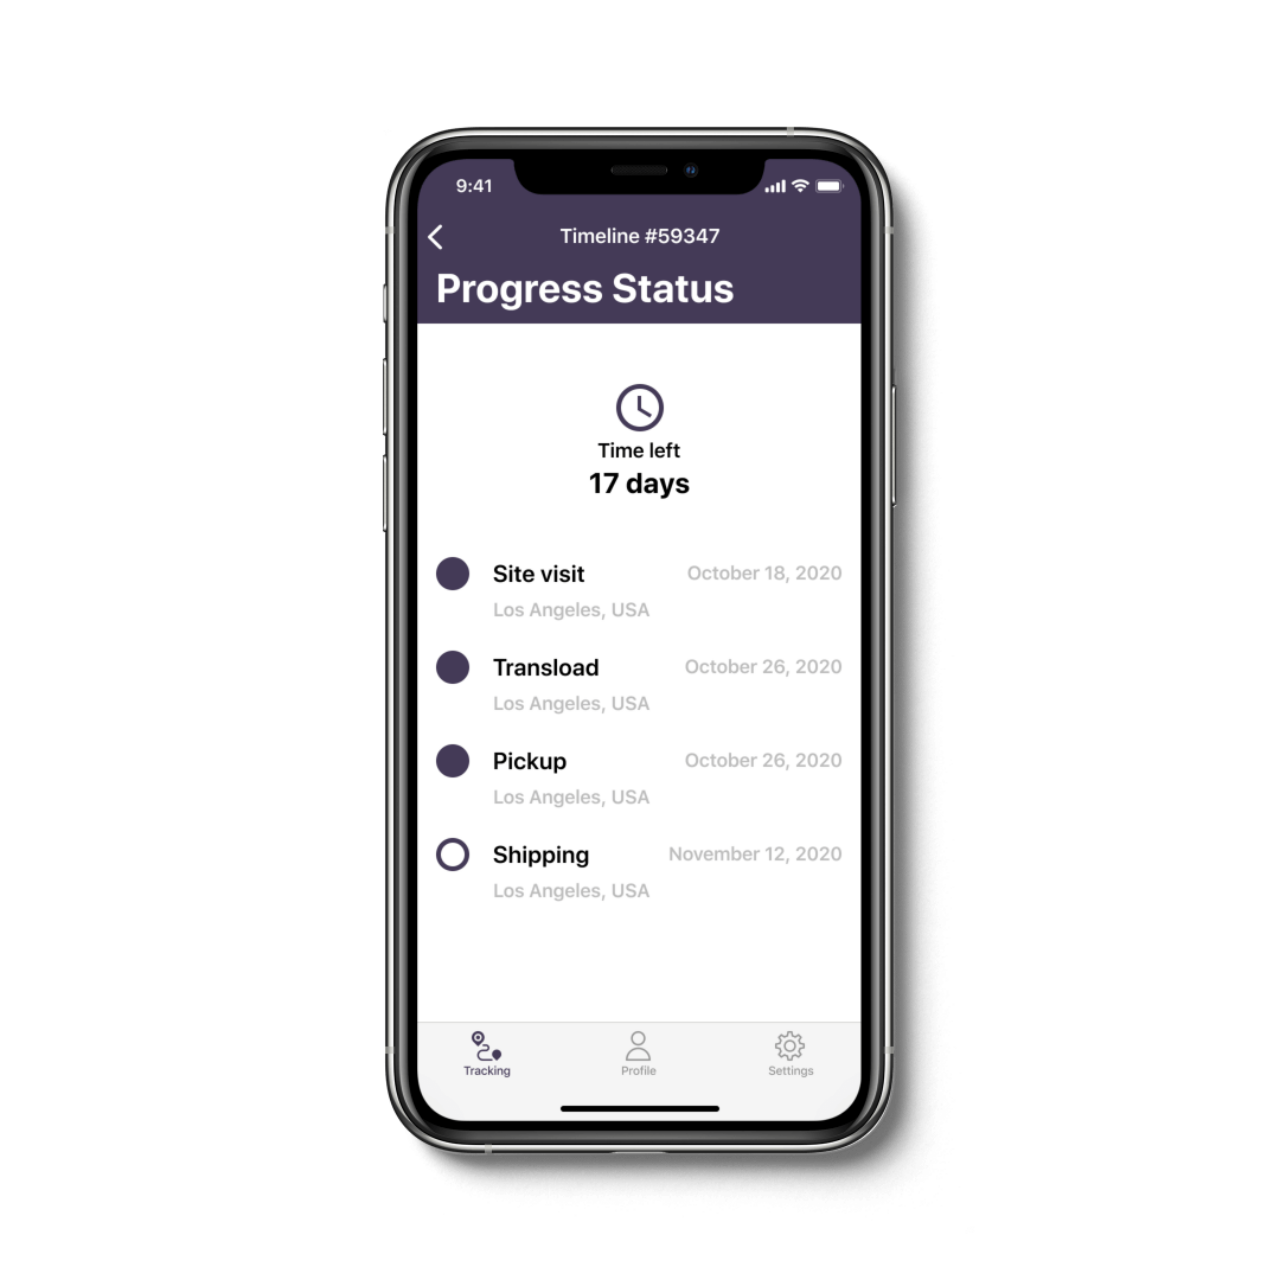 Air Freight Management Application Progress